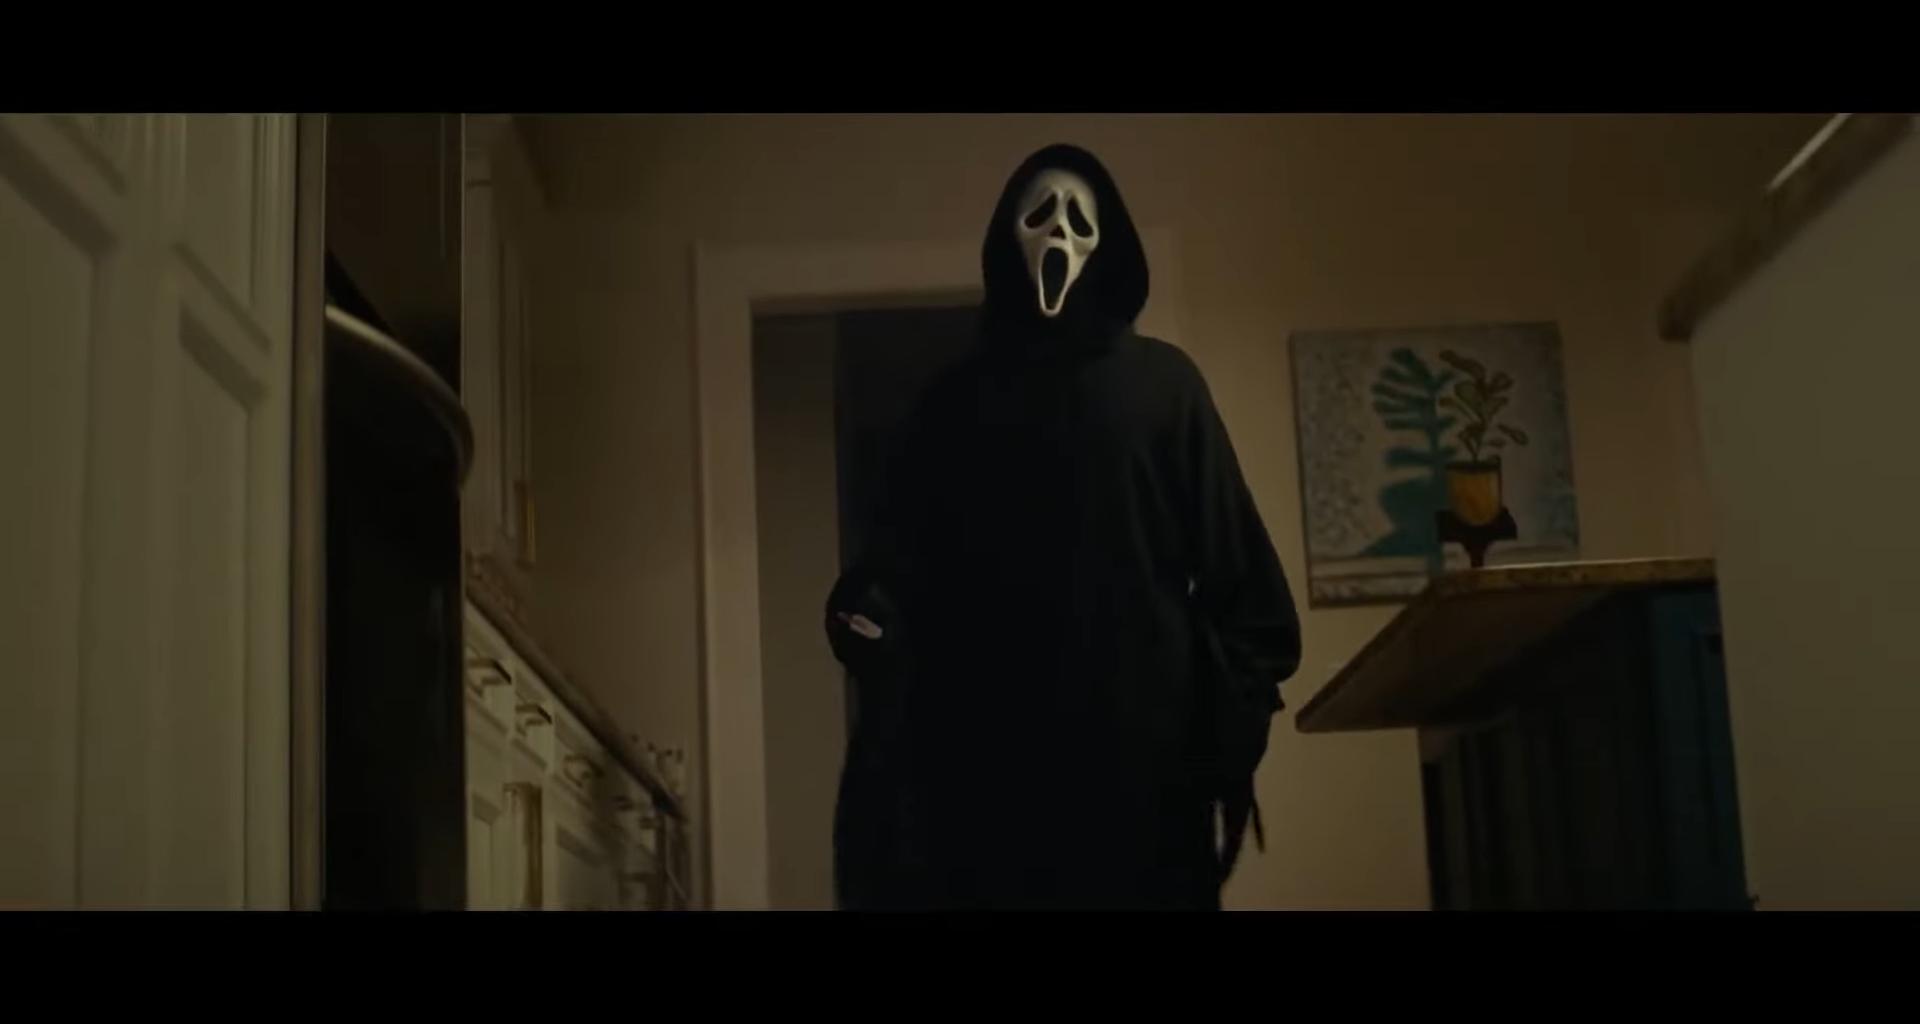 Trailer pânico 5